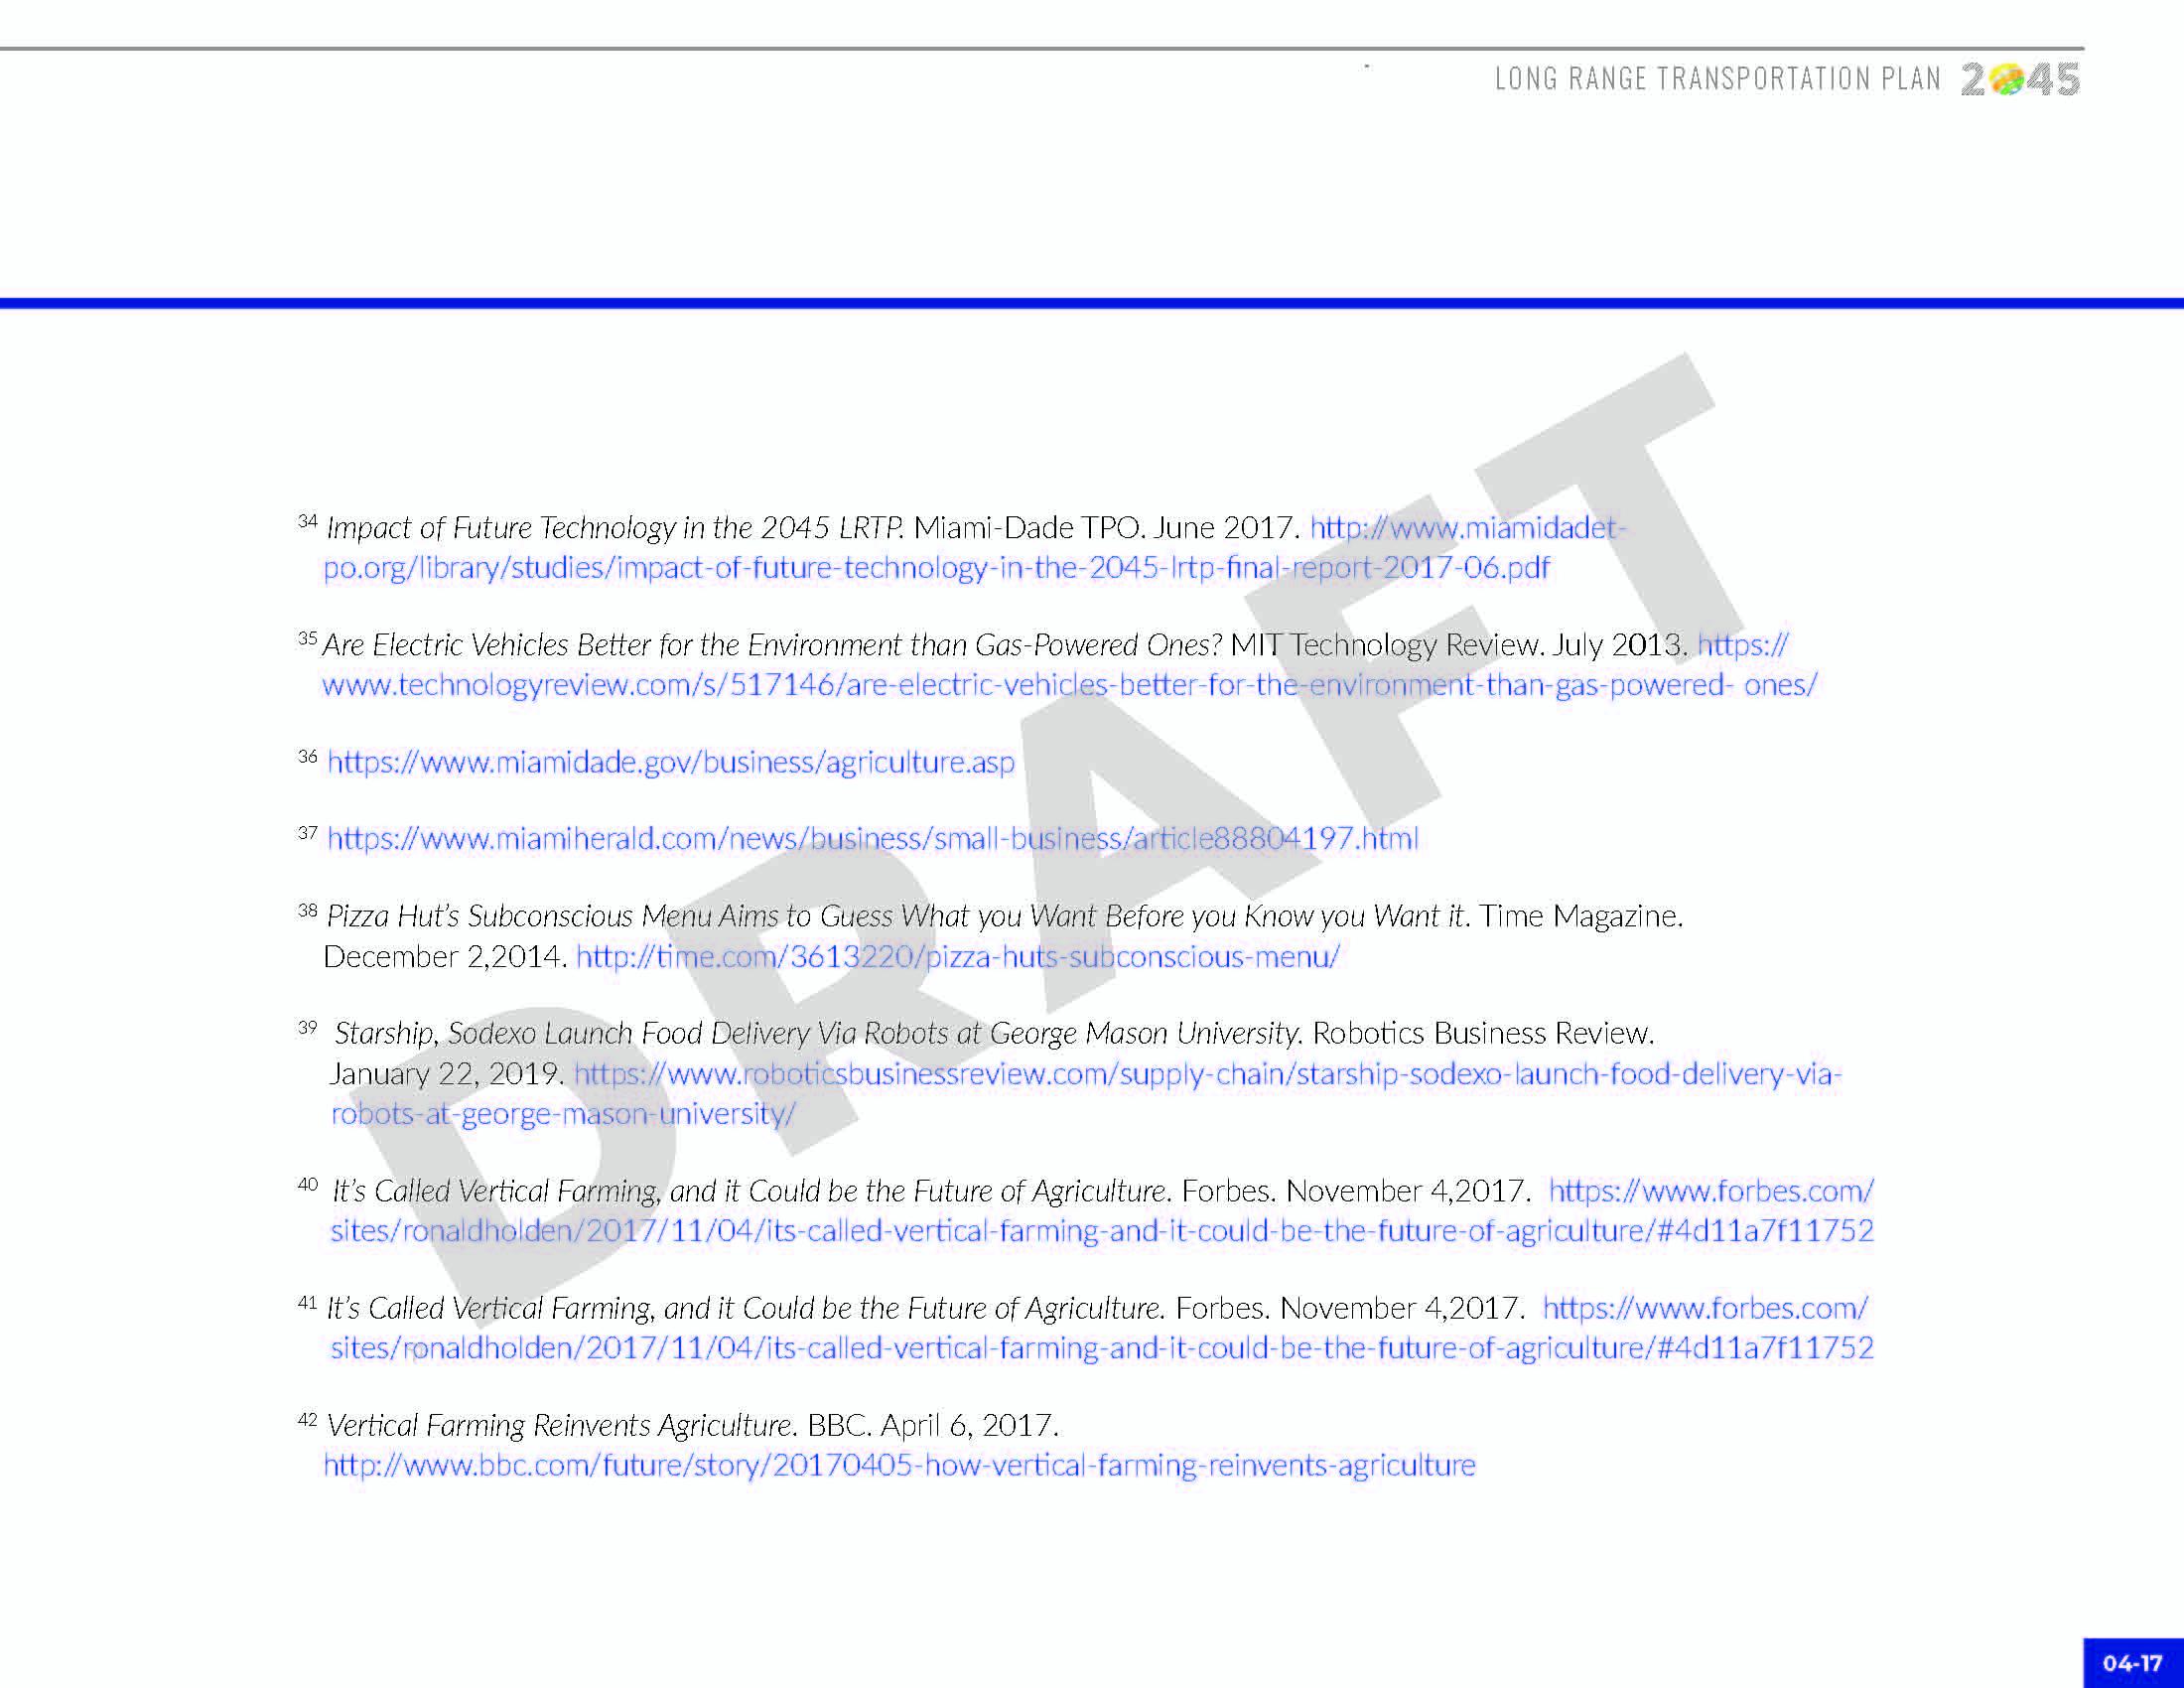 LRTP_072319_Page_093.jpg